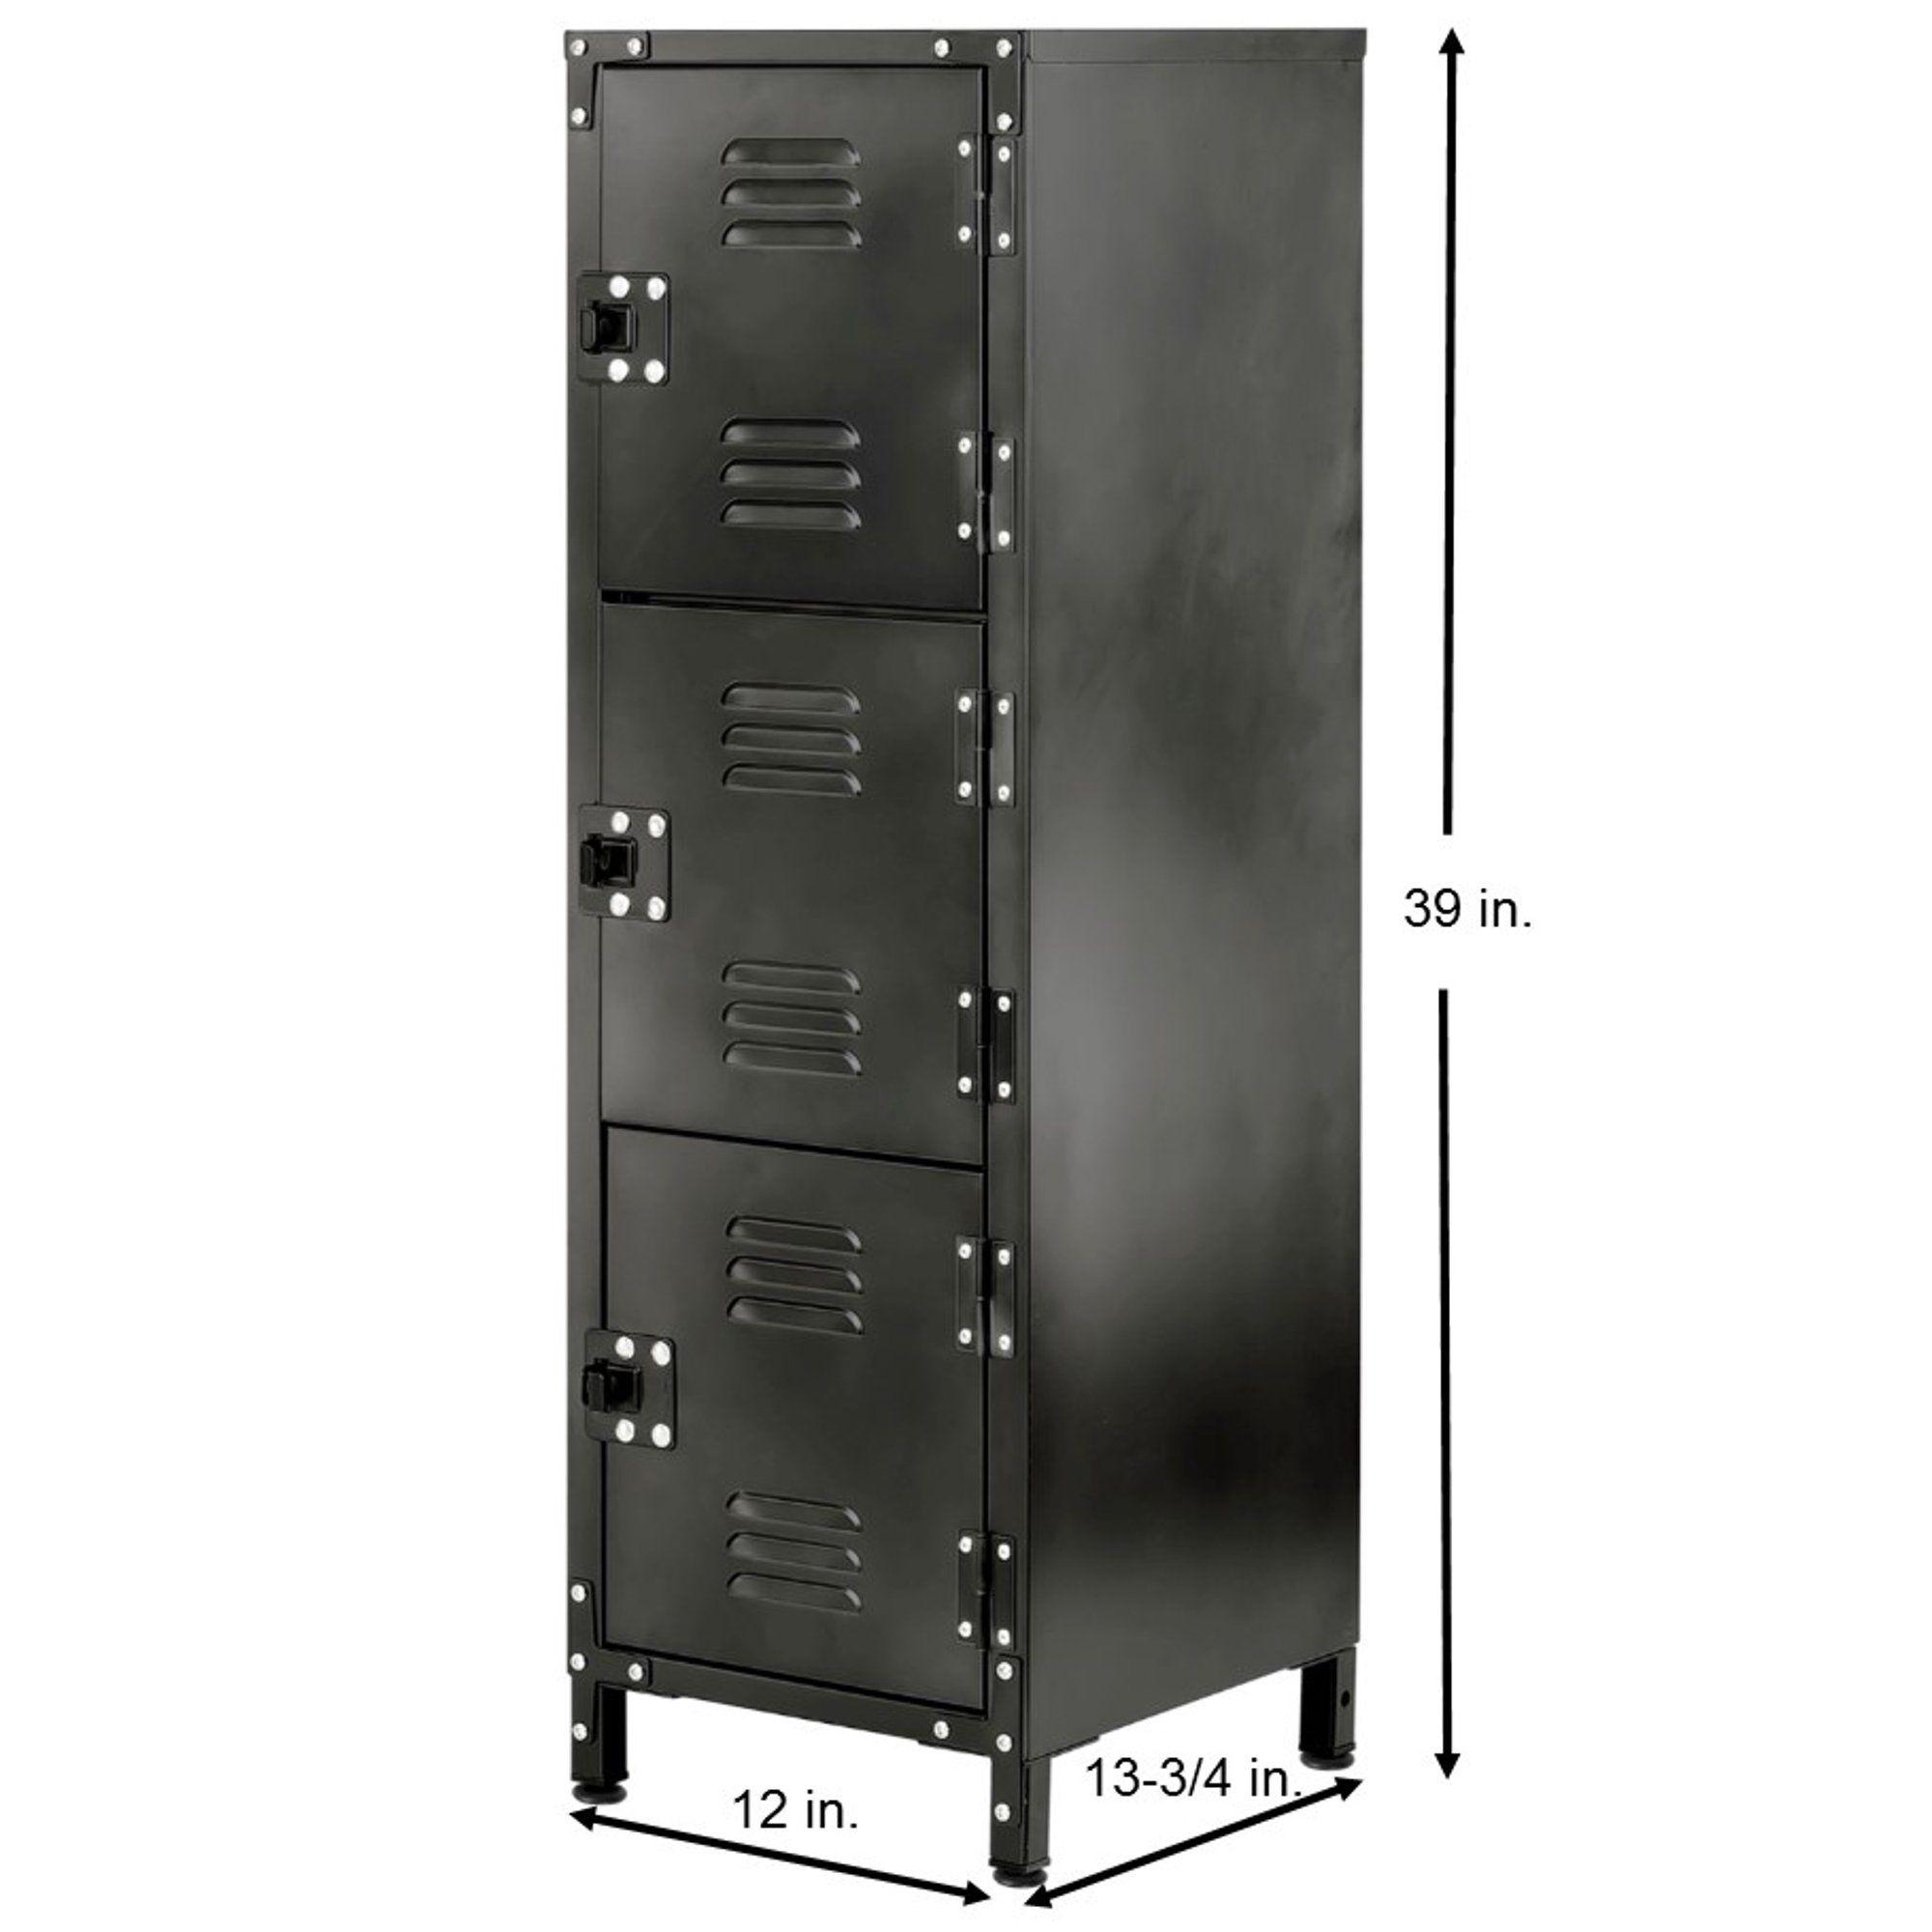 Allspace 3 Door Steel Storage Locker With Dark Weathered Finish 450112e Walmart Com In 2020 Locker Storage Door Locker Storage